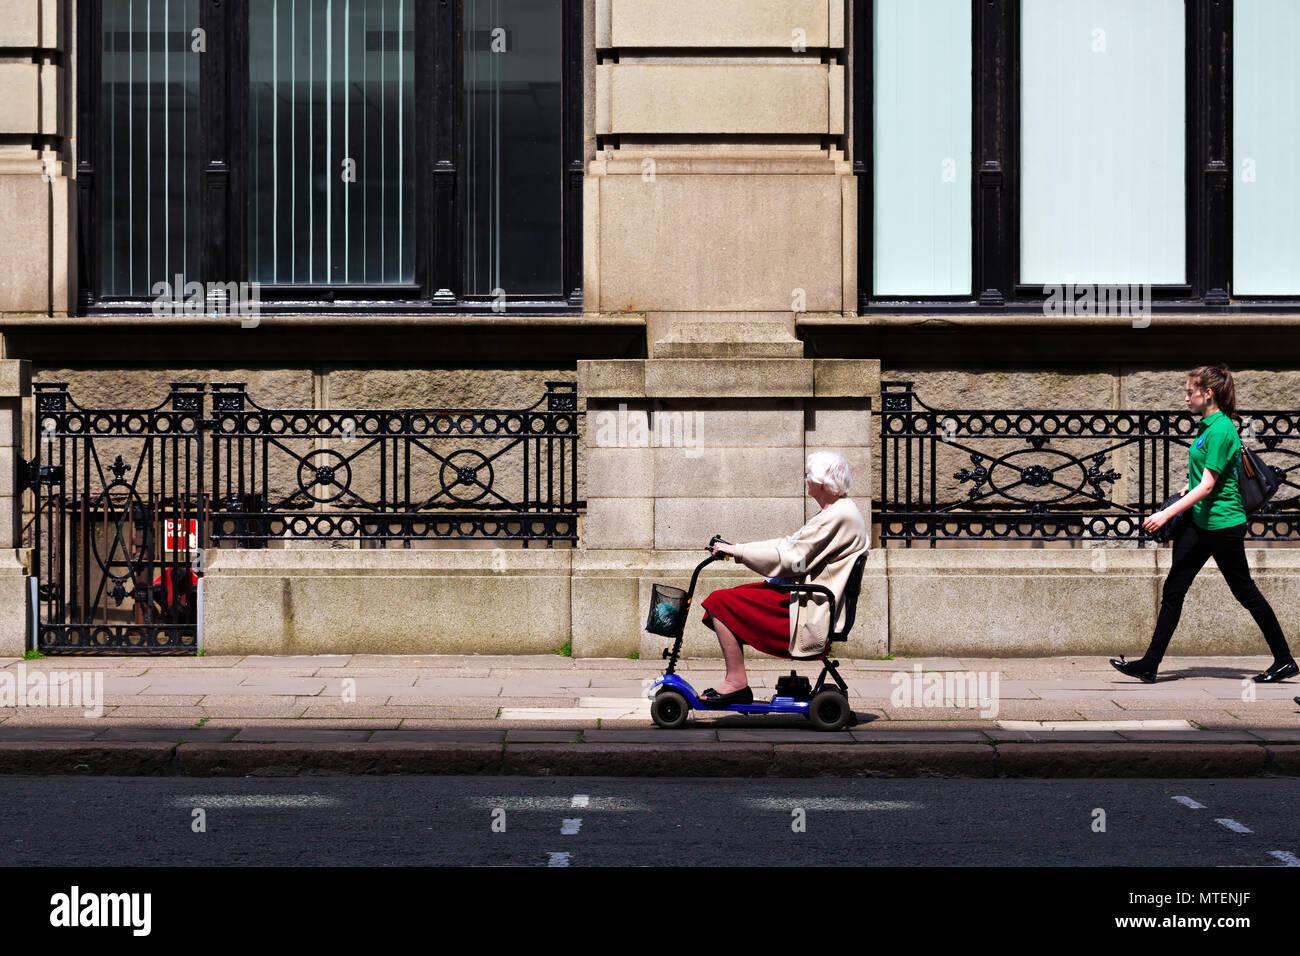 Une vieille femme sur un scooter de mobilité alors qu'une jeune femme passe devant elle. Photo Stock